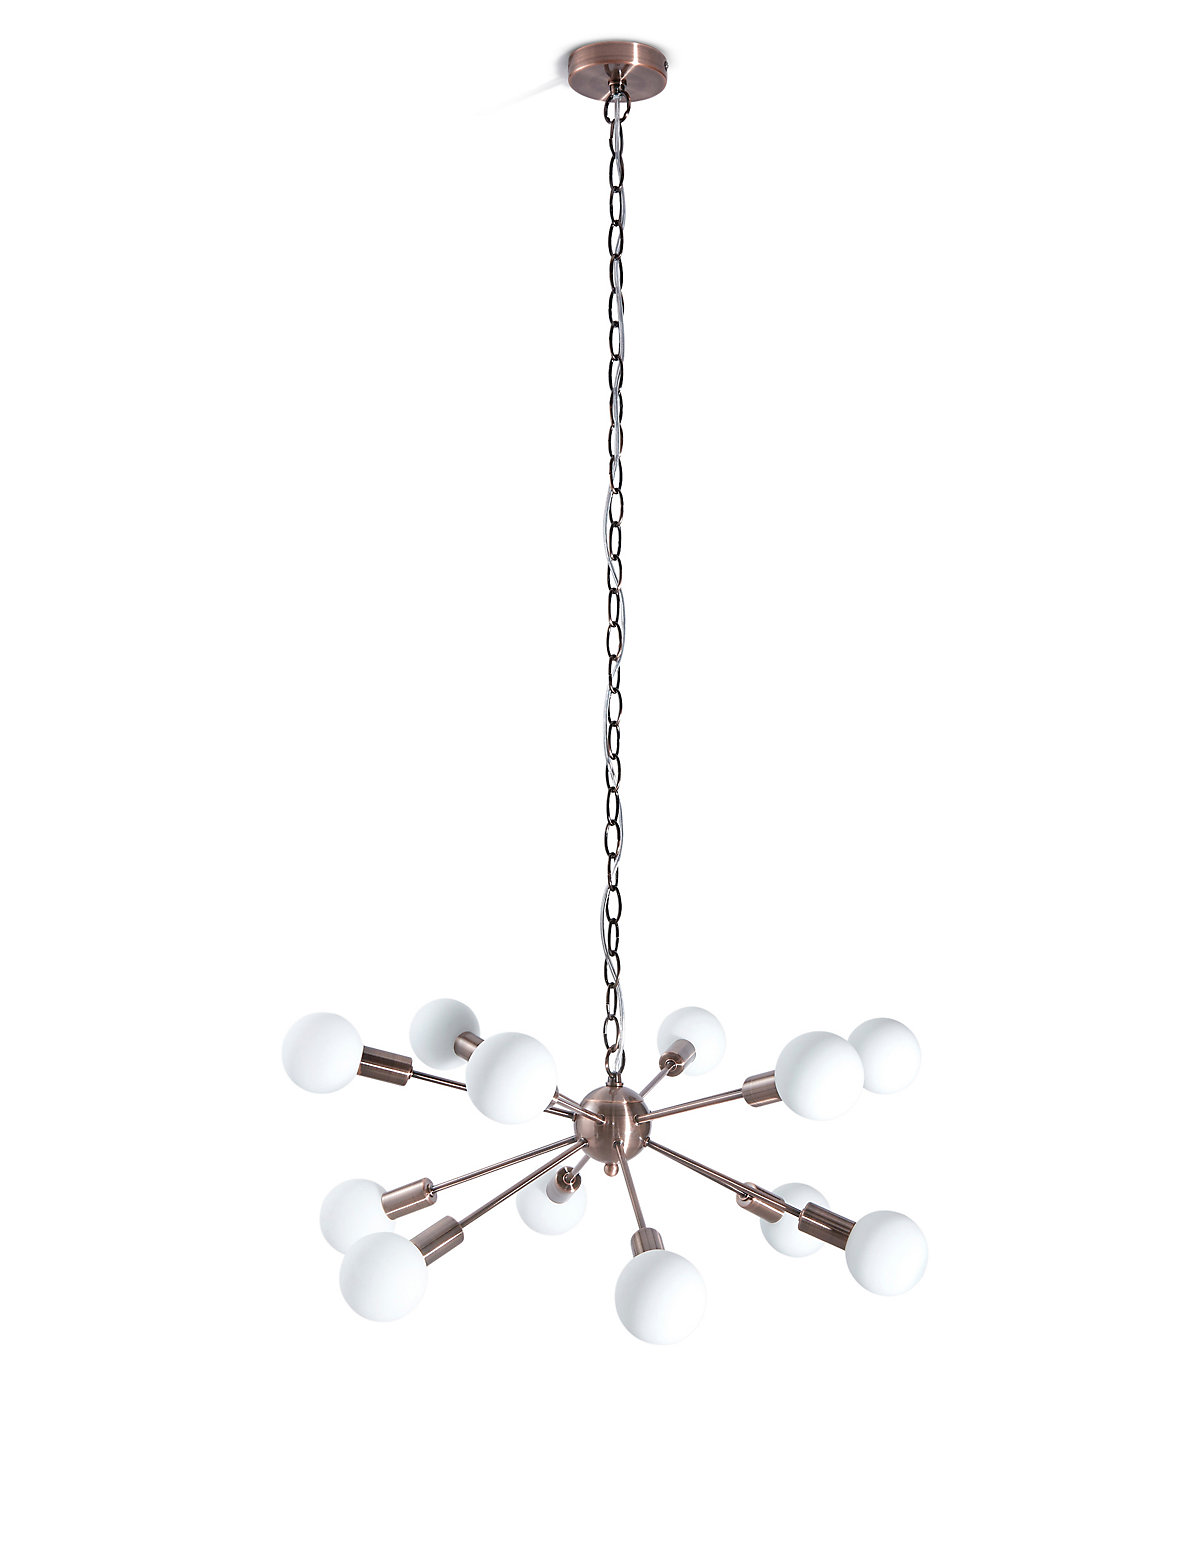 Ceiling Lights At Marks And Spencers : Marks and spencer dexter copper sputnik ceiling pendant